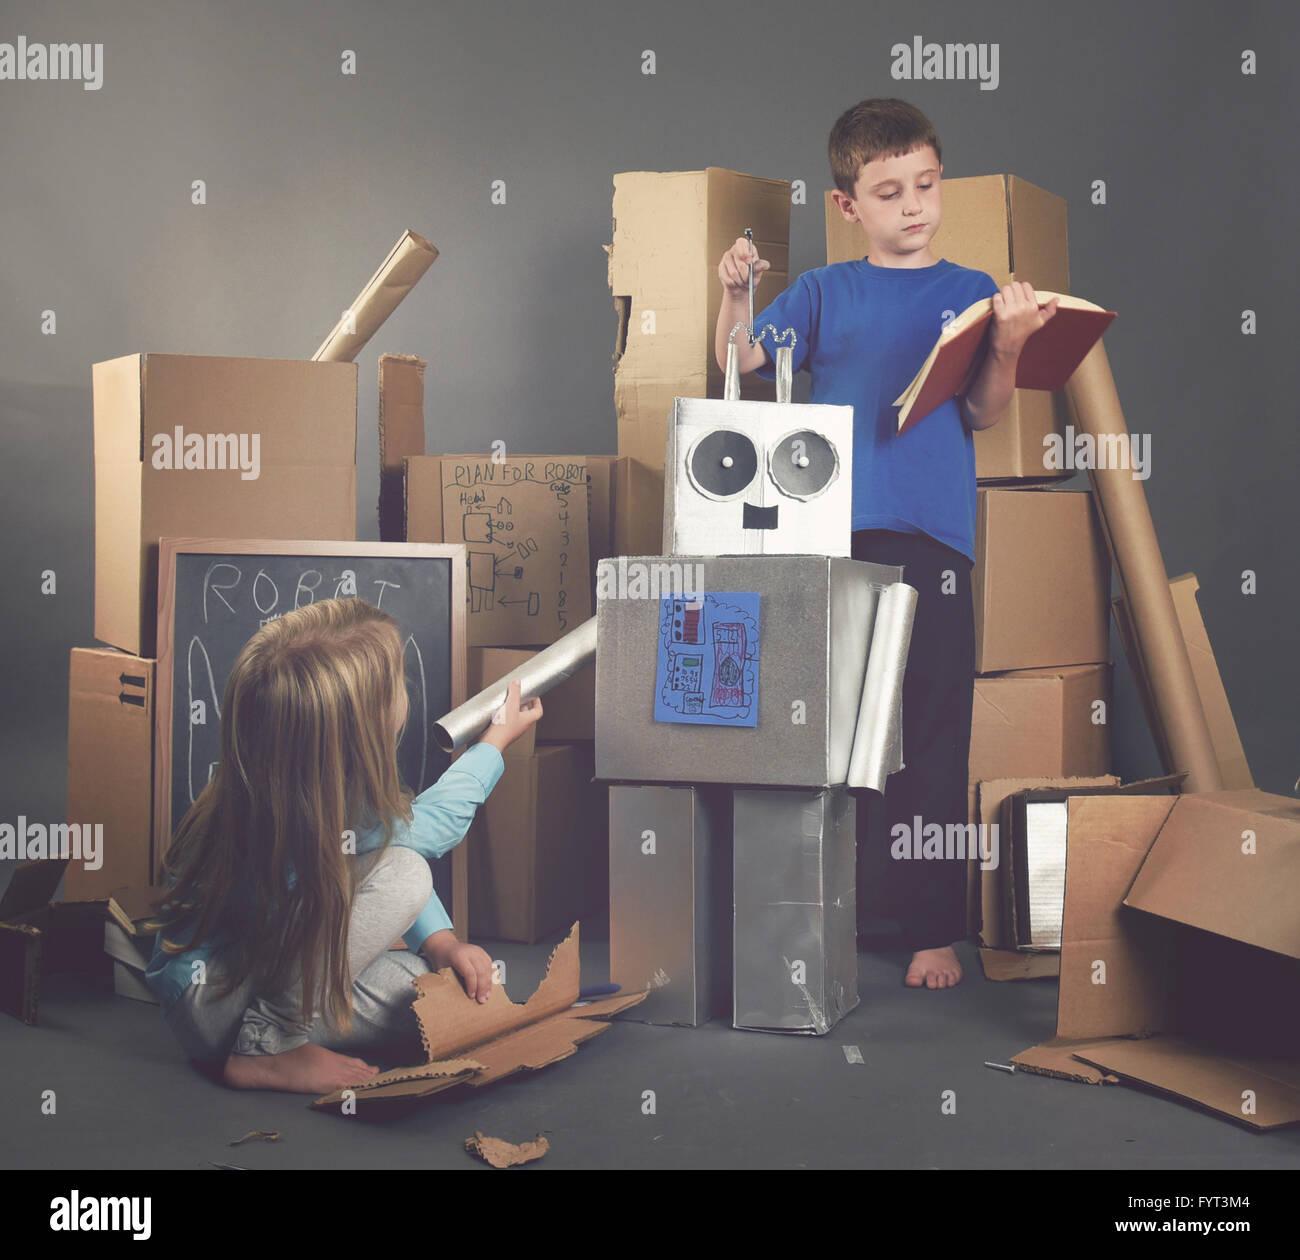 Dos niños están construyendo un robot de metal con cajas de cartón con herramientas y libros para Imagen De Stock